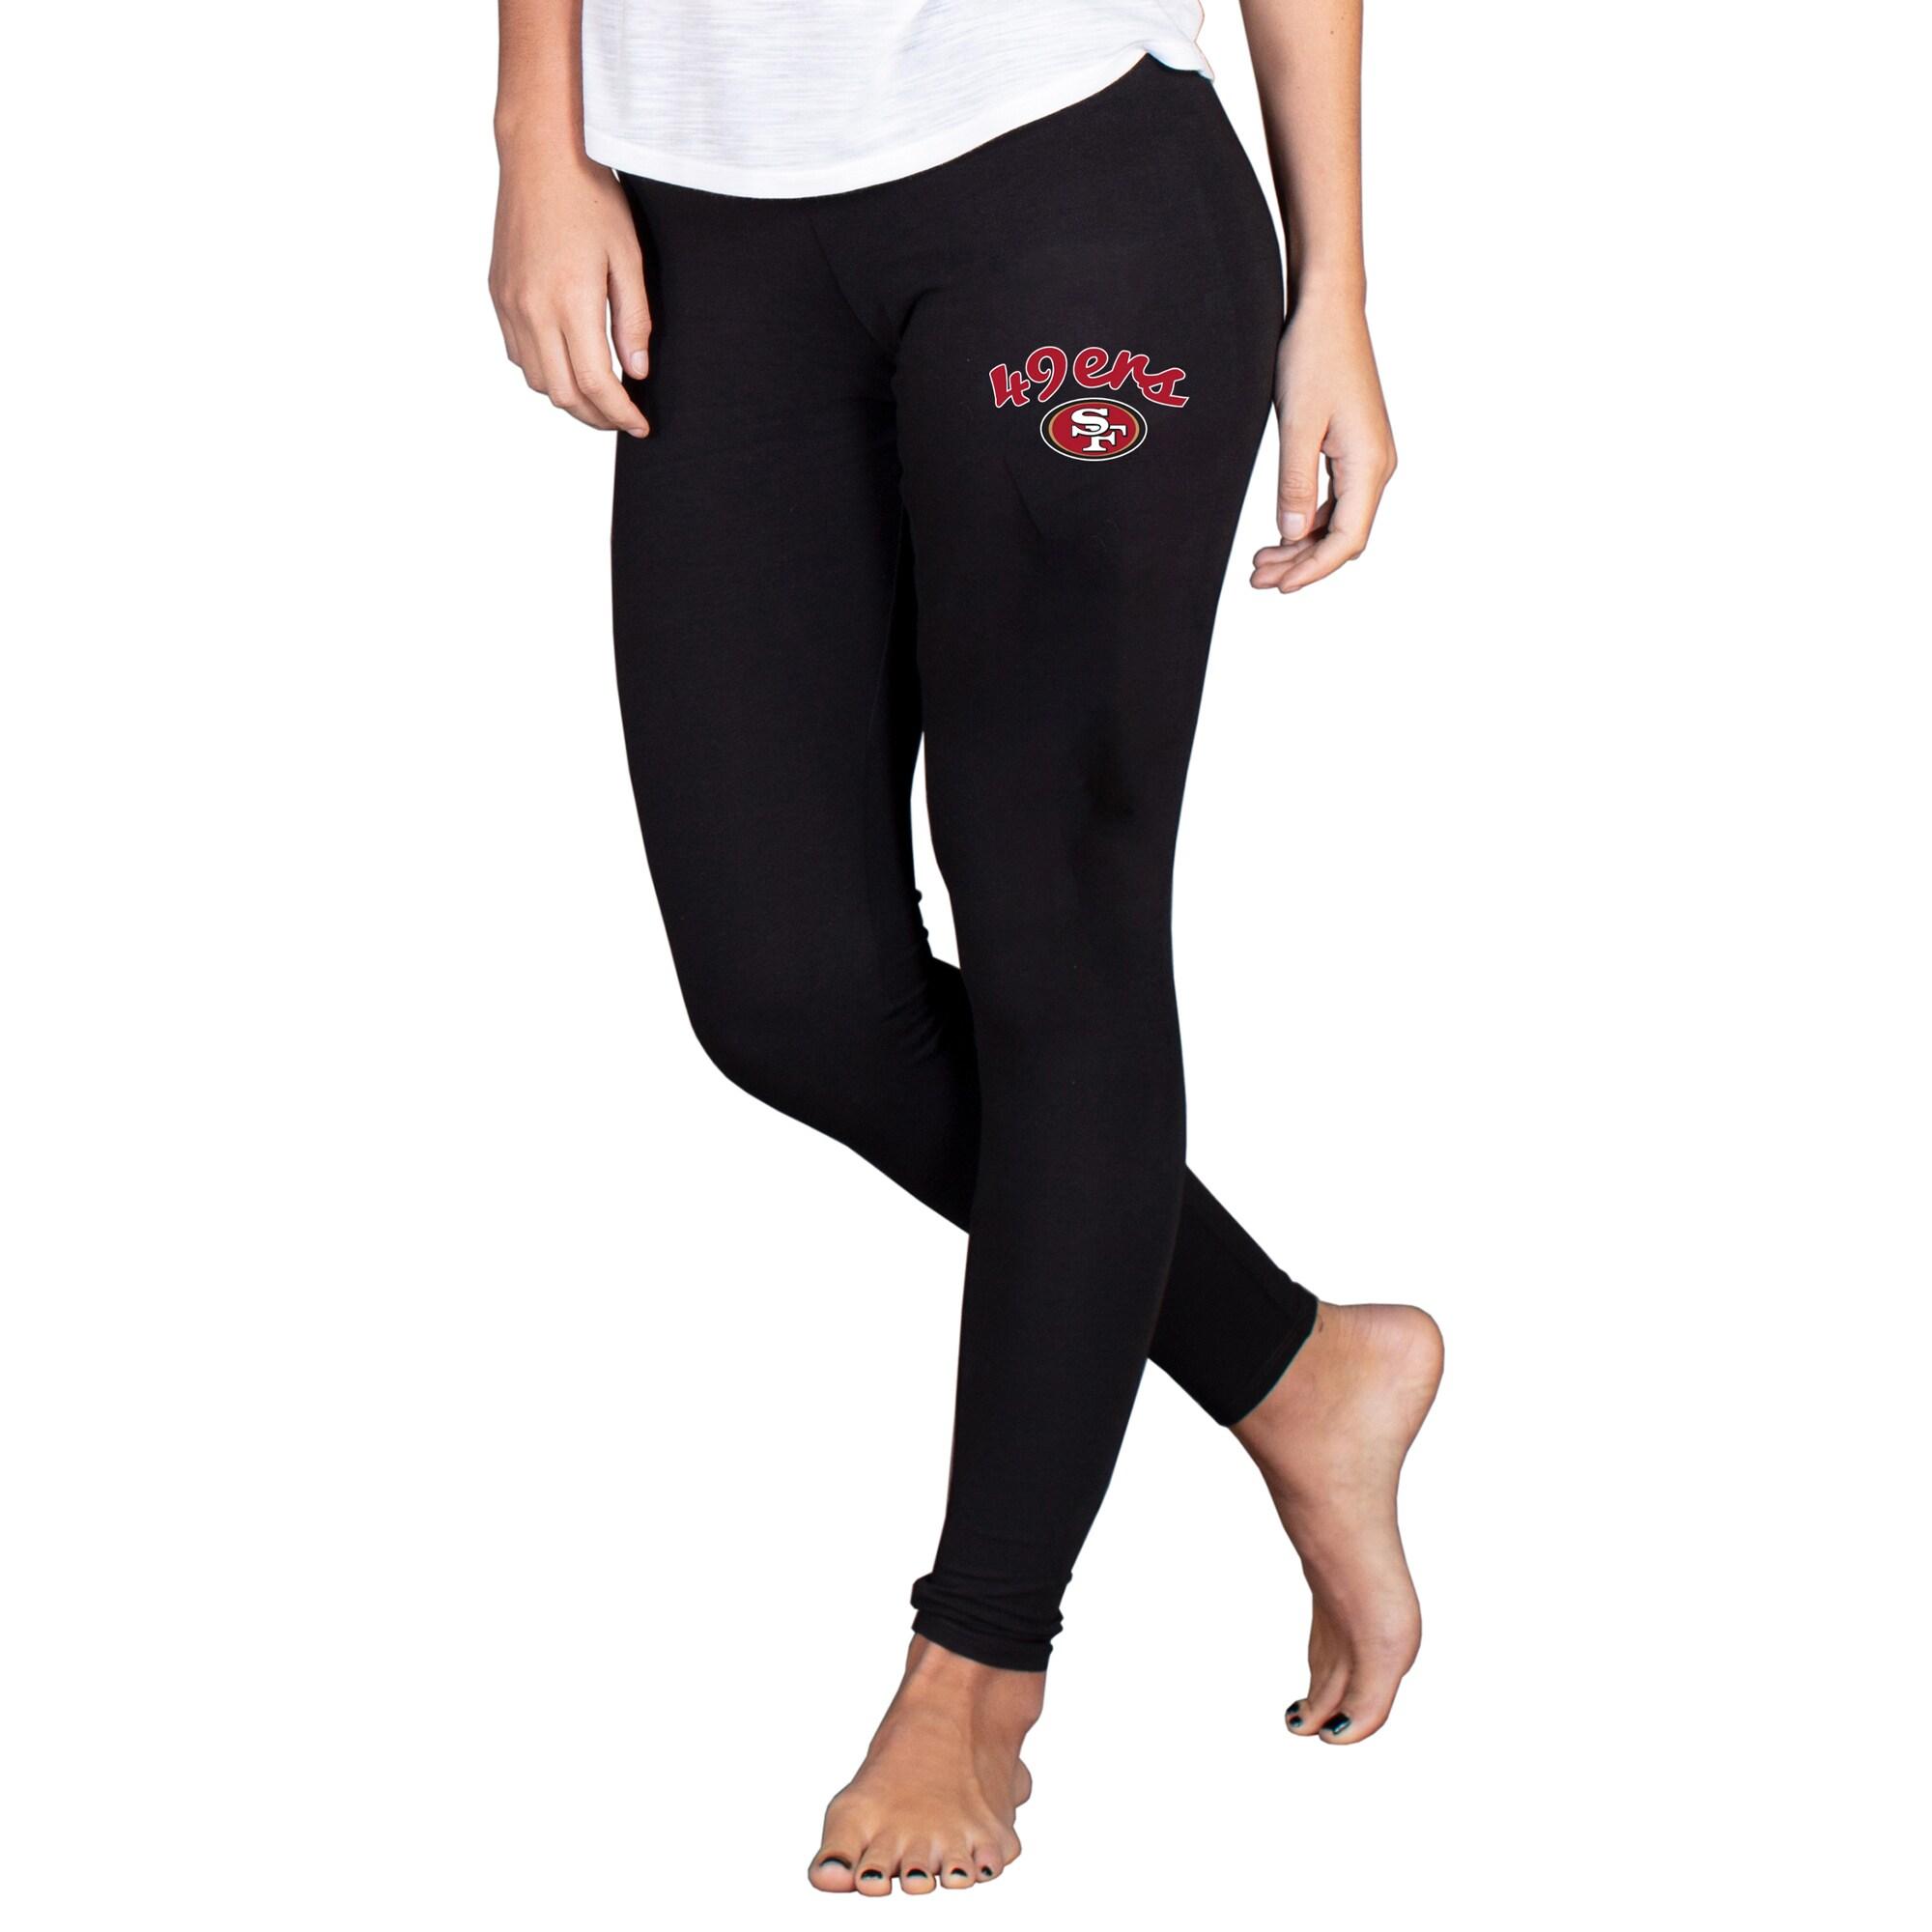 San Francisco 49ers Concepts Sport Women's Fraction Leggings - Black